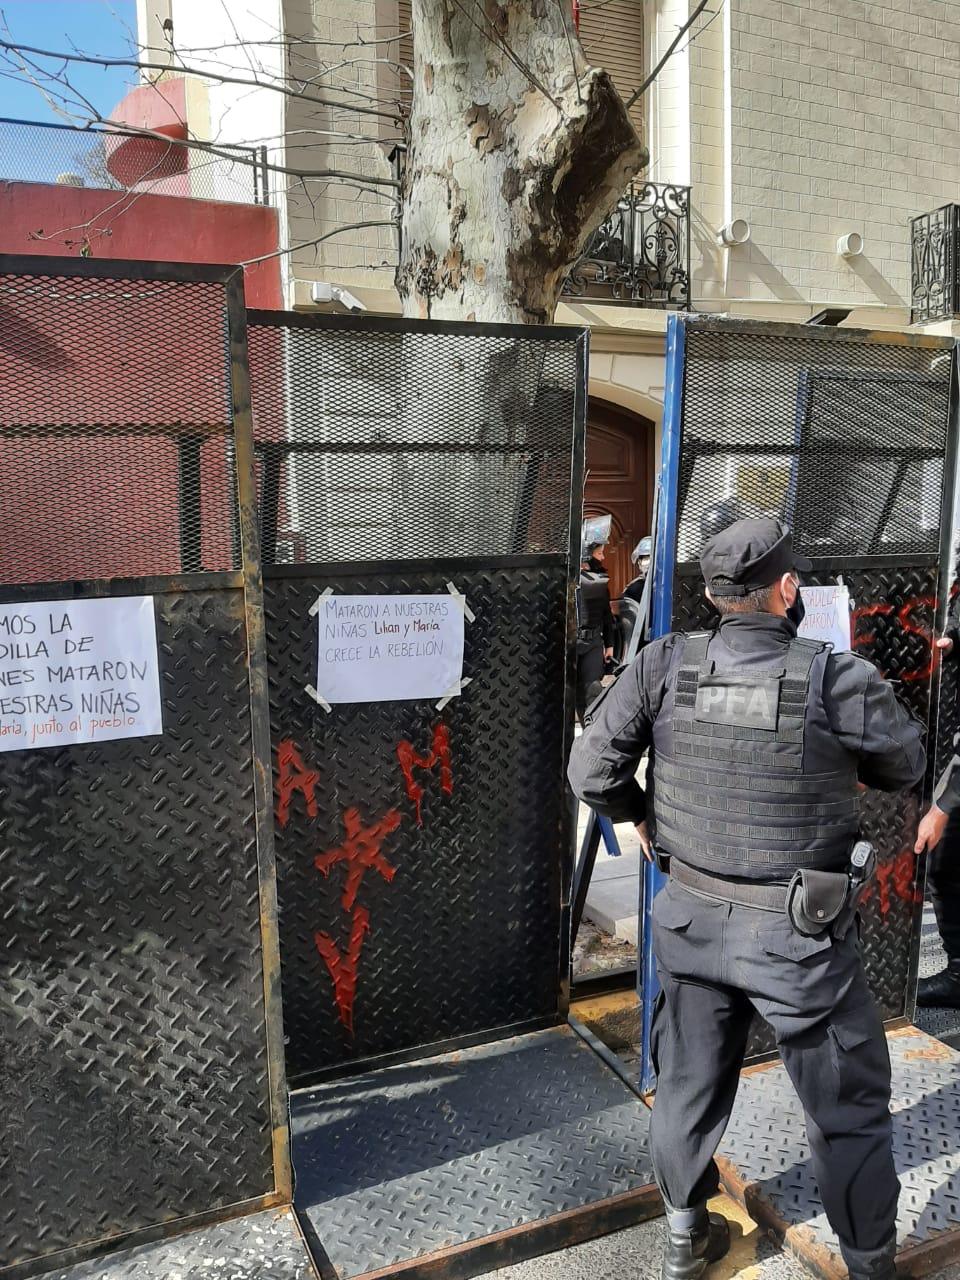 La Policía Federal se encargó de colocar protectores para impedir el ingreso y el atropello a la sede diplomática. Foto: Gentileza